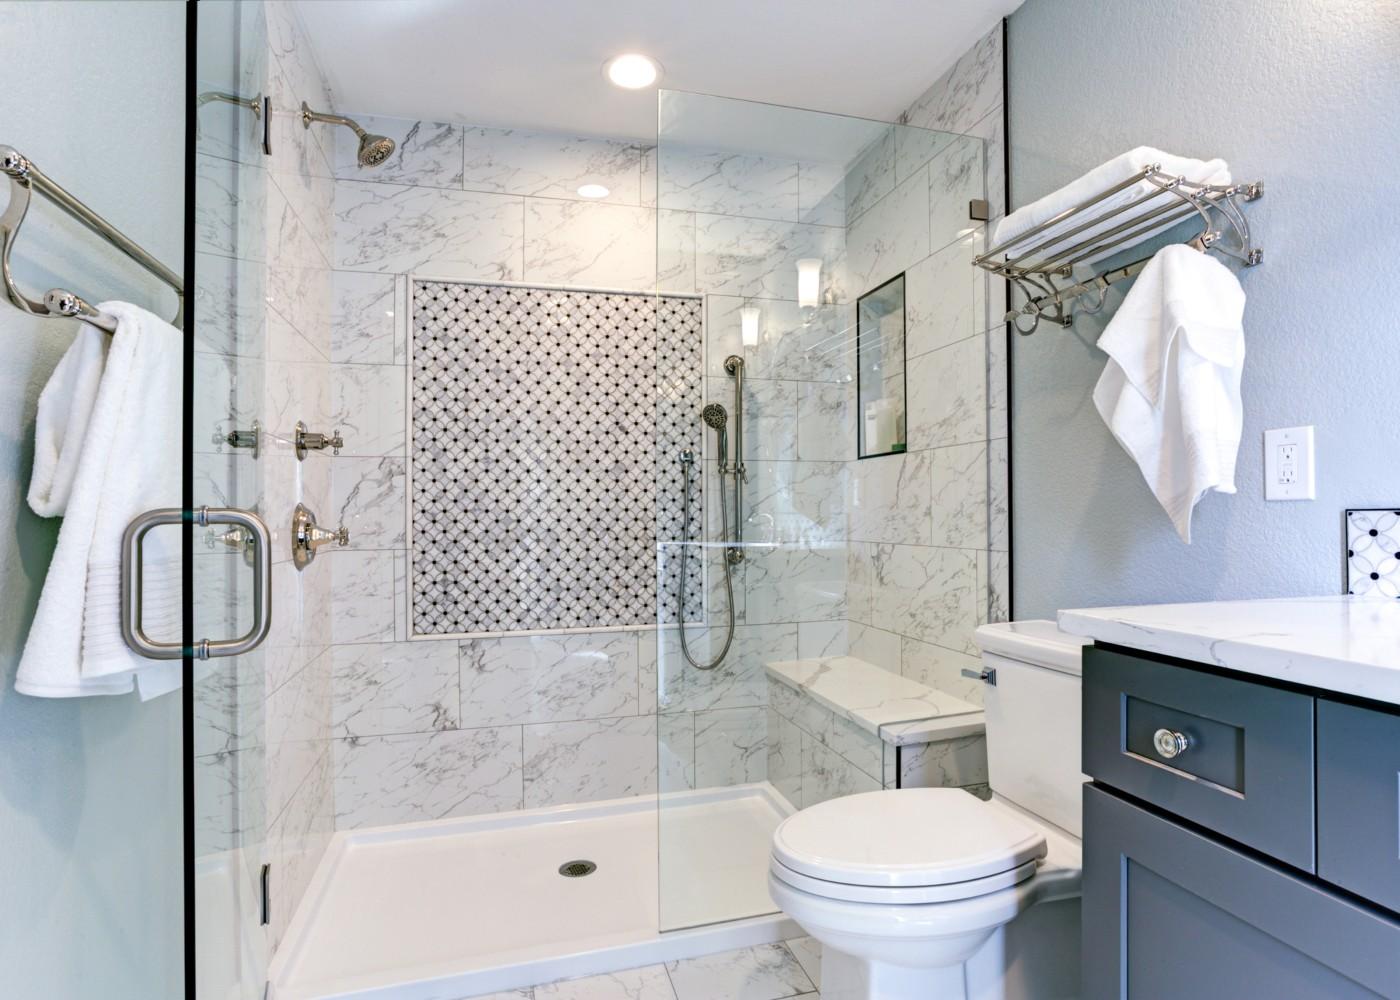 casa de banho com poliban com banco